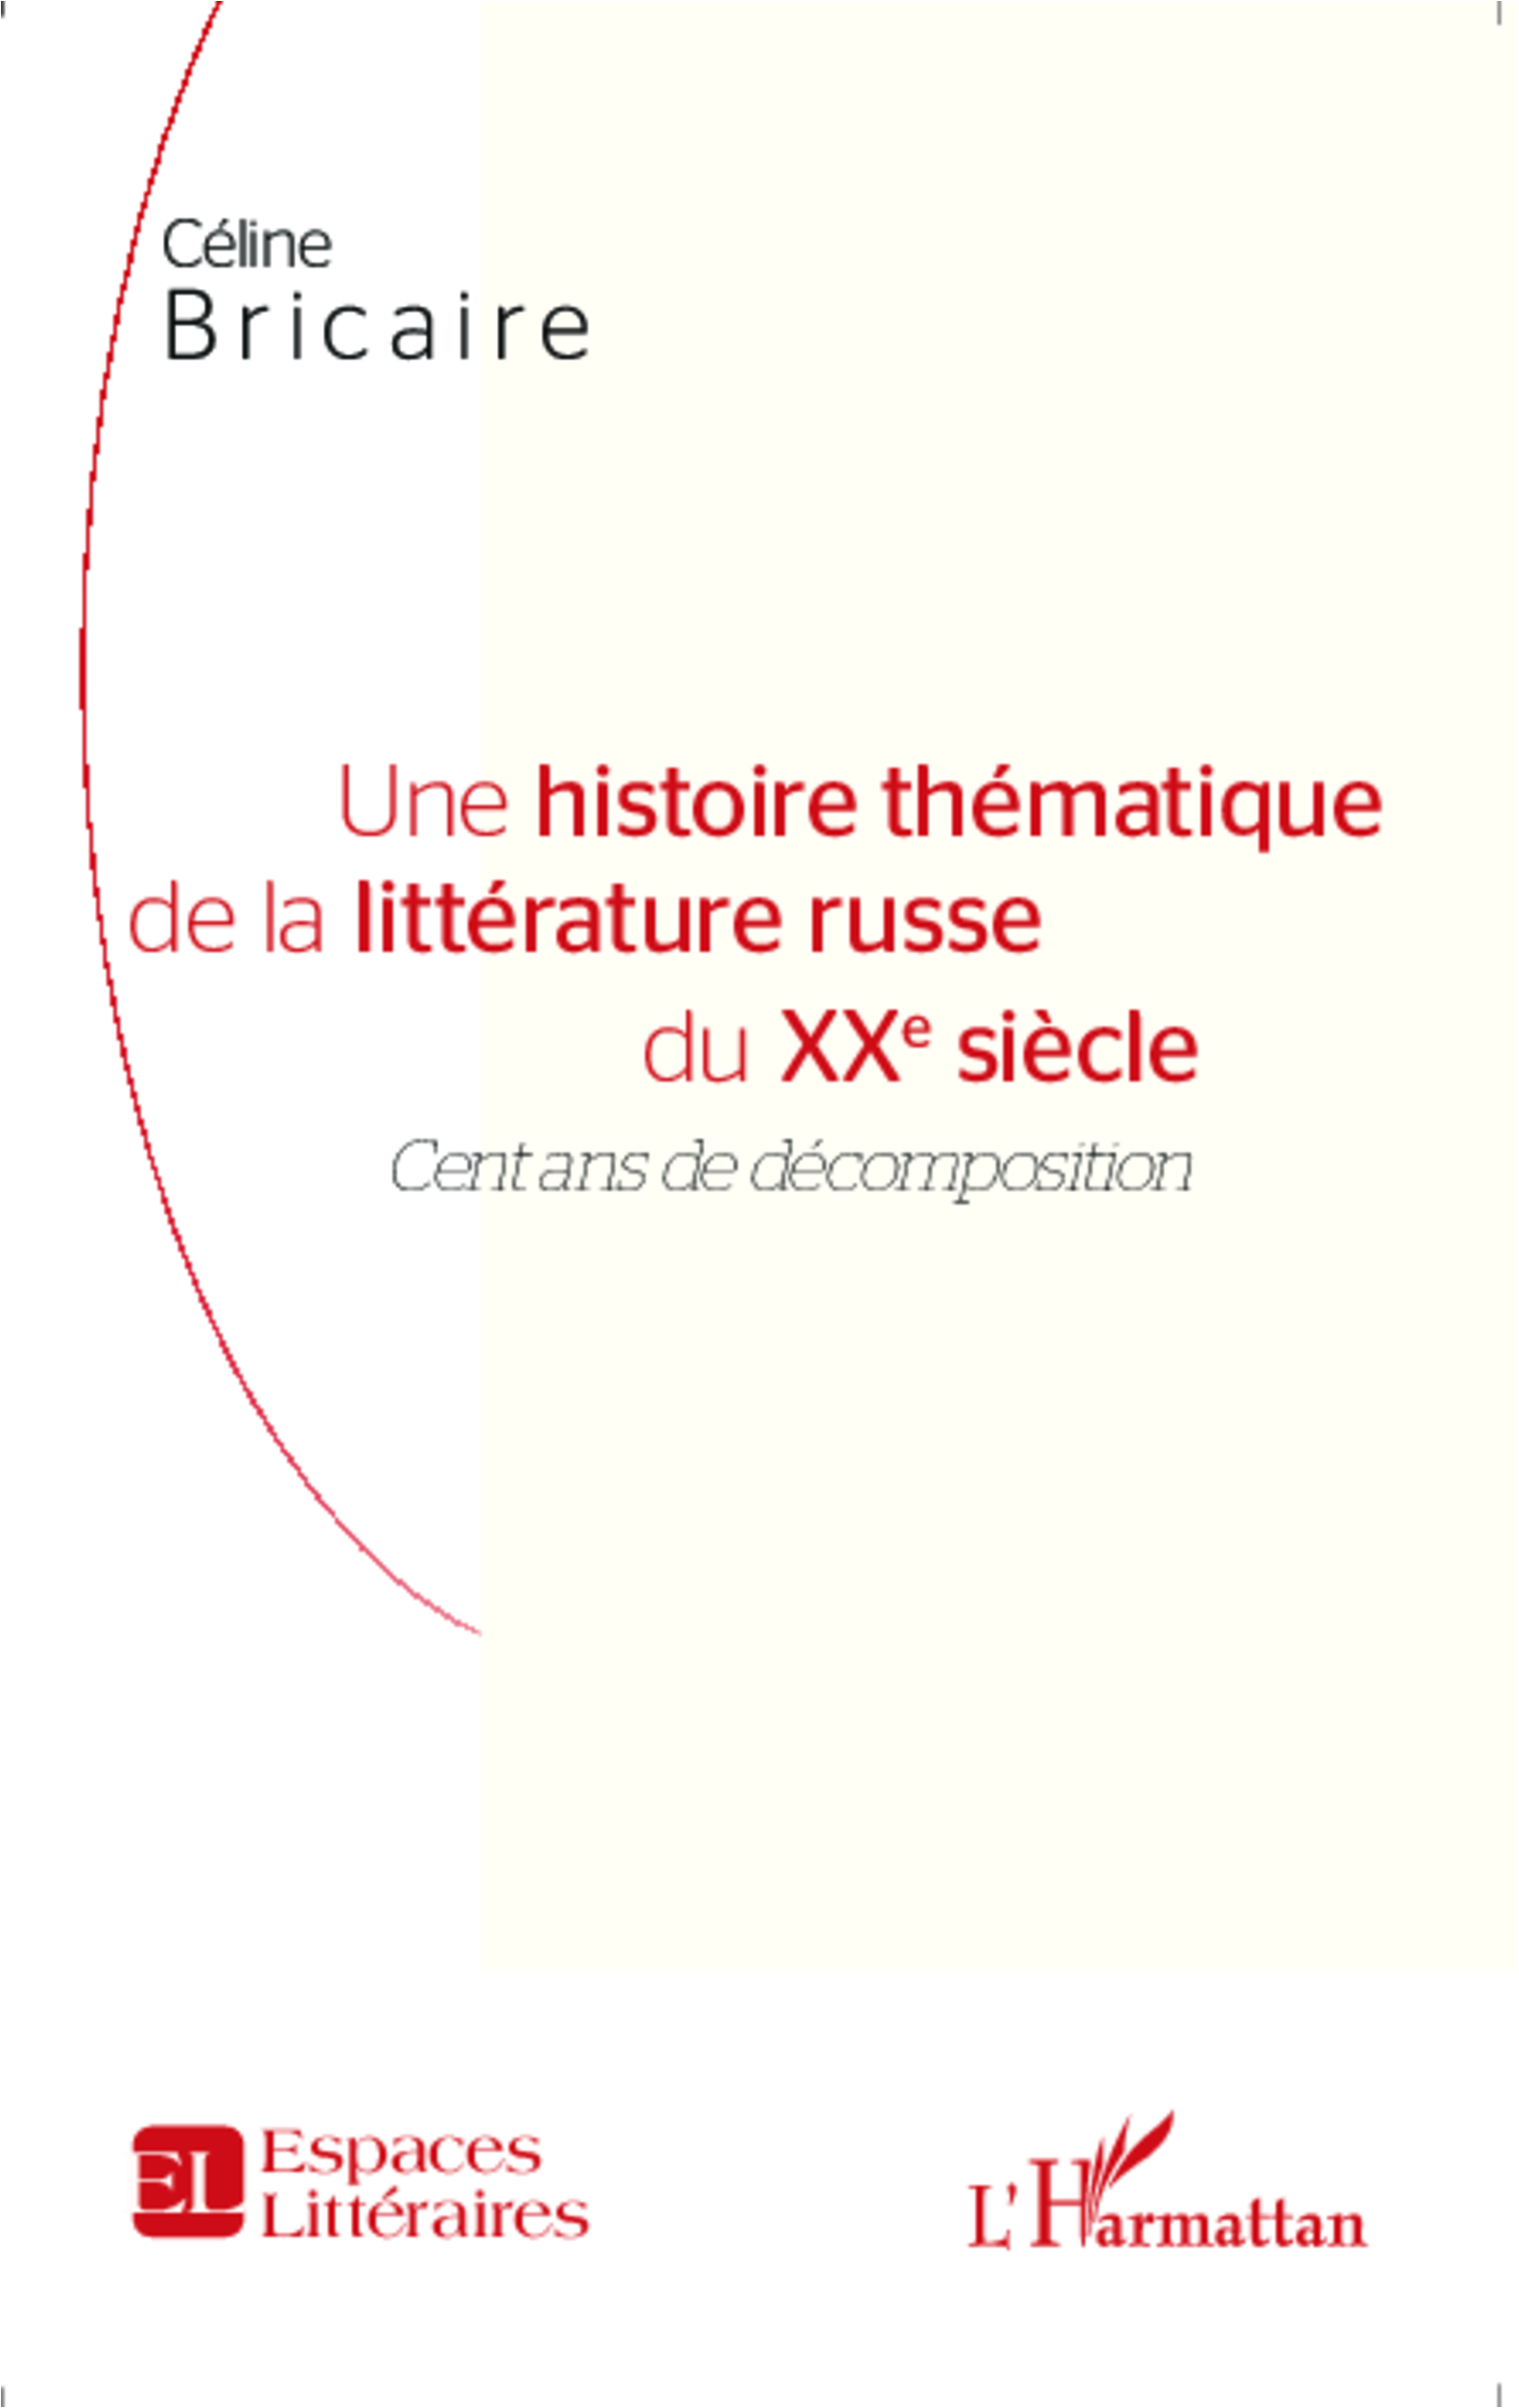 C. Bricaire, Une histoire thématique de la littérature russe du XXe siècle - Cent ans de décomposition